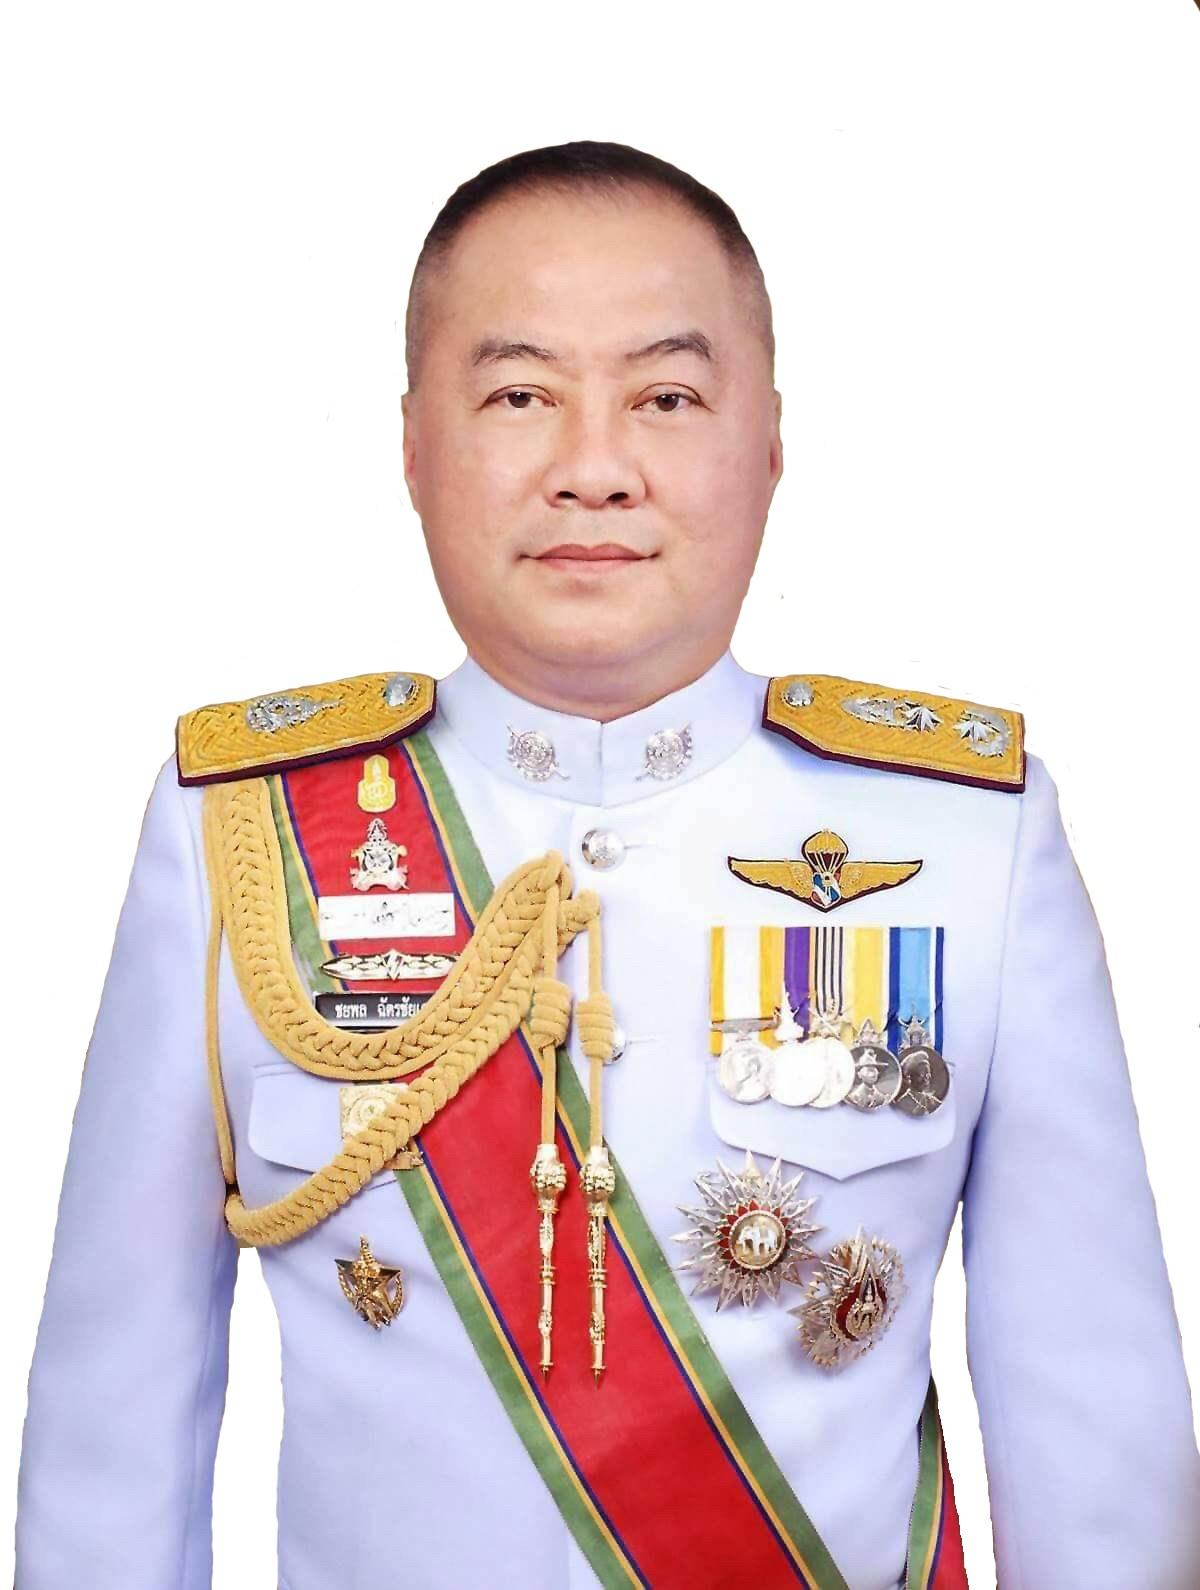 พล.ต.ต.ชยพล ฉัตรชัยเดช รองผู้บัญชาการตำรวจสันติบาล(๓)